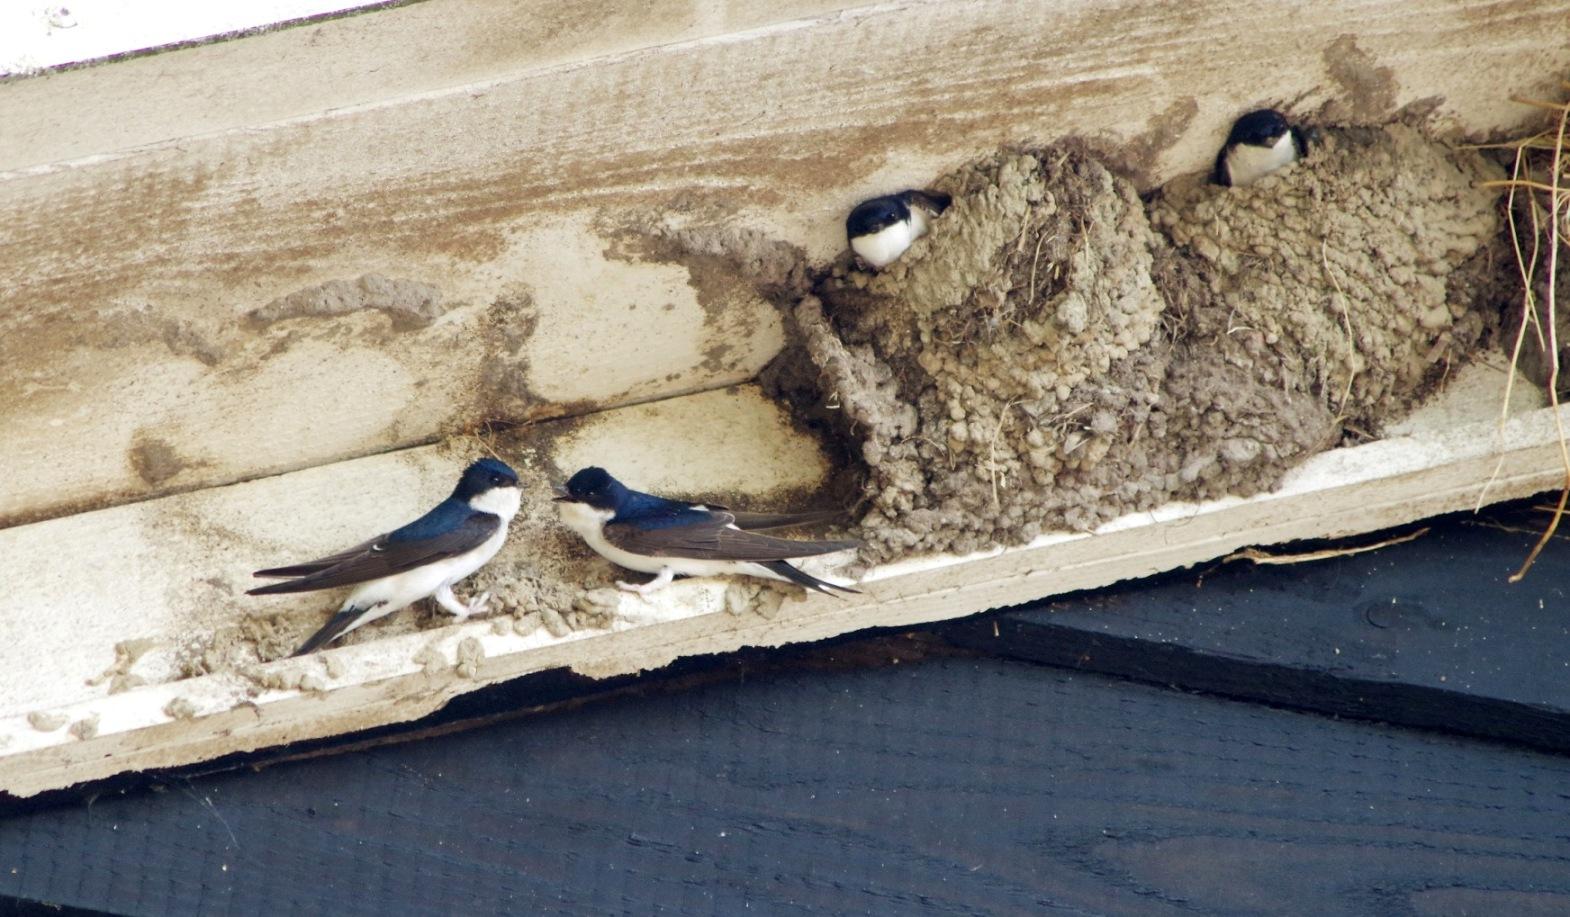 Tegen de gevels van twee schuren van de biologische melkveehouderij Ark nestelen huiszwaluwen. De boerderij ligt aan de Arkerweg in de polder Arkemheen bij Nijkerk. Boerenzwaluwen en huiszwaluwen vliegen schijnbaar ordeloos door elkaar, maar de boerenzwaluwen nestelen binnen in de schuren – Foto: ©Gerrit de Graaff